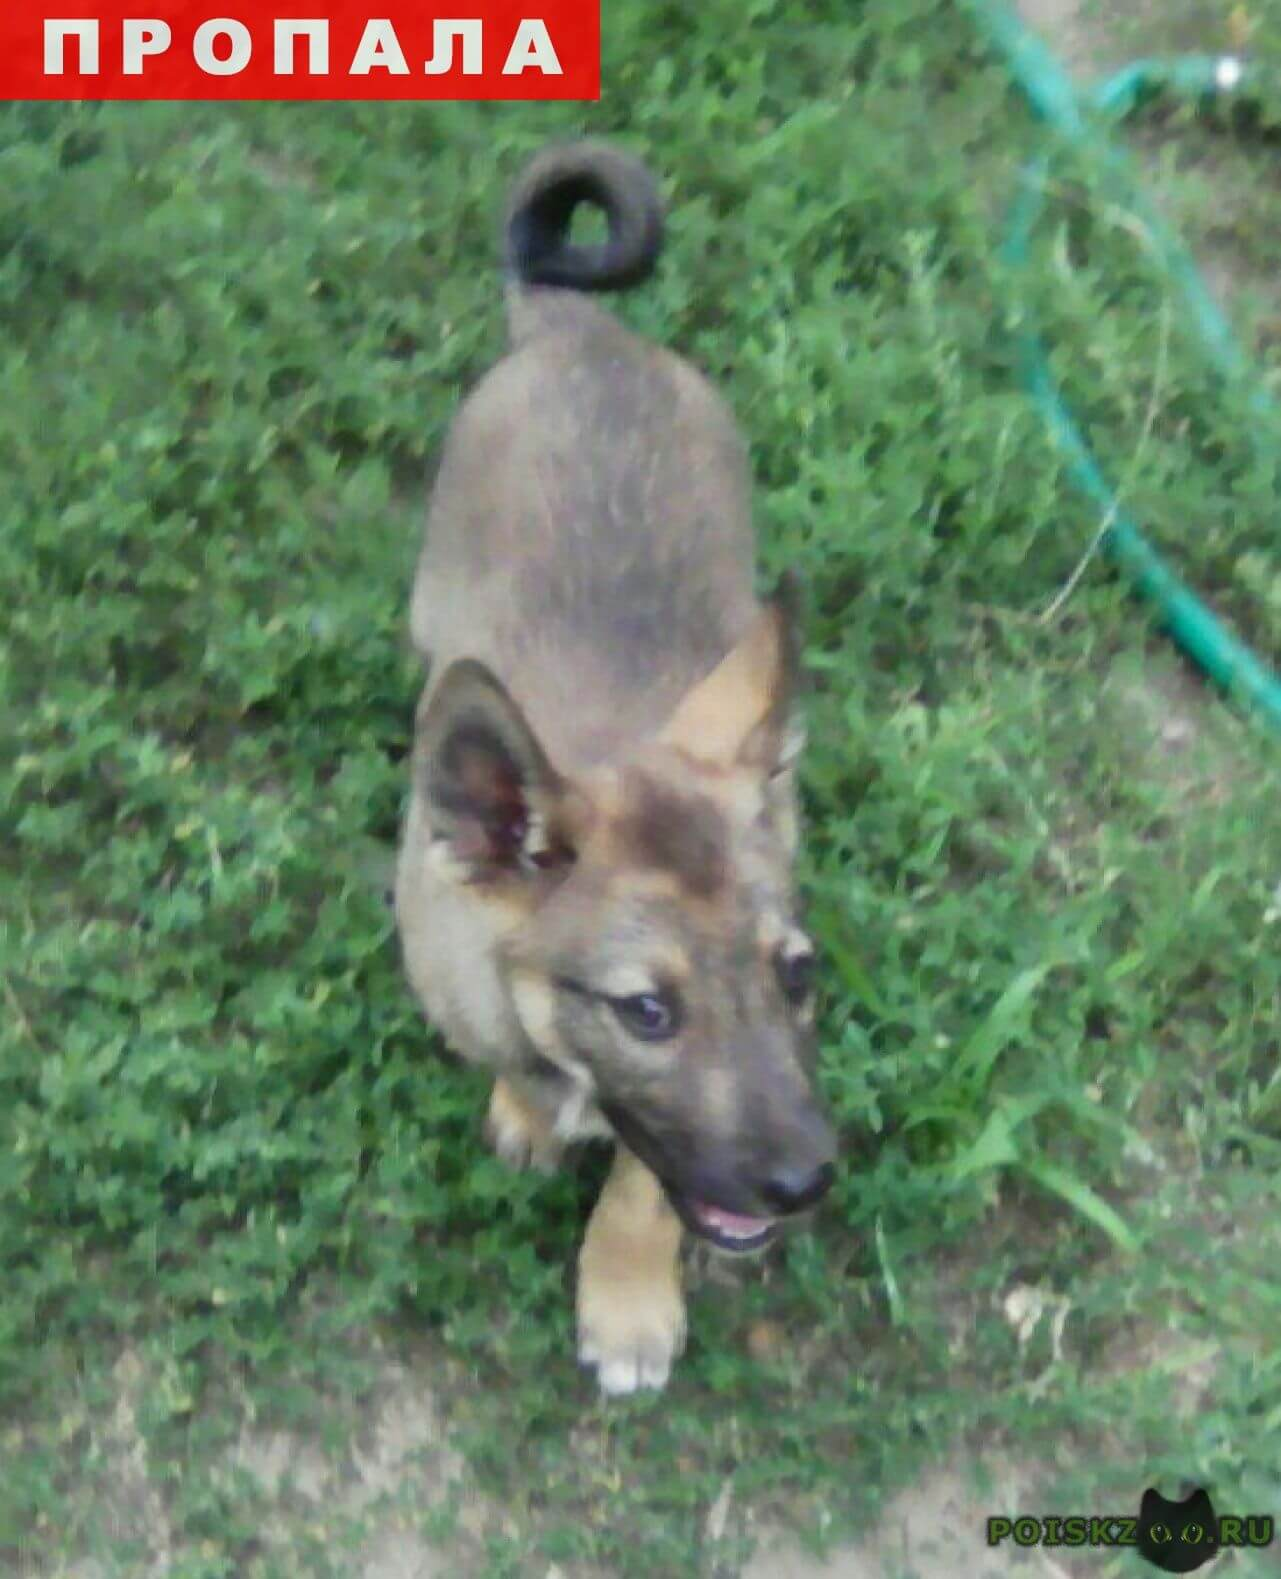 Пропала собака кобель щенок 4 месяца г.Энгельс